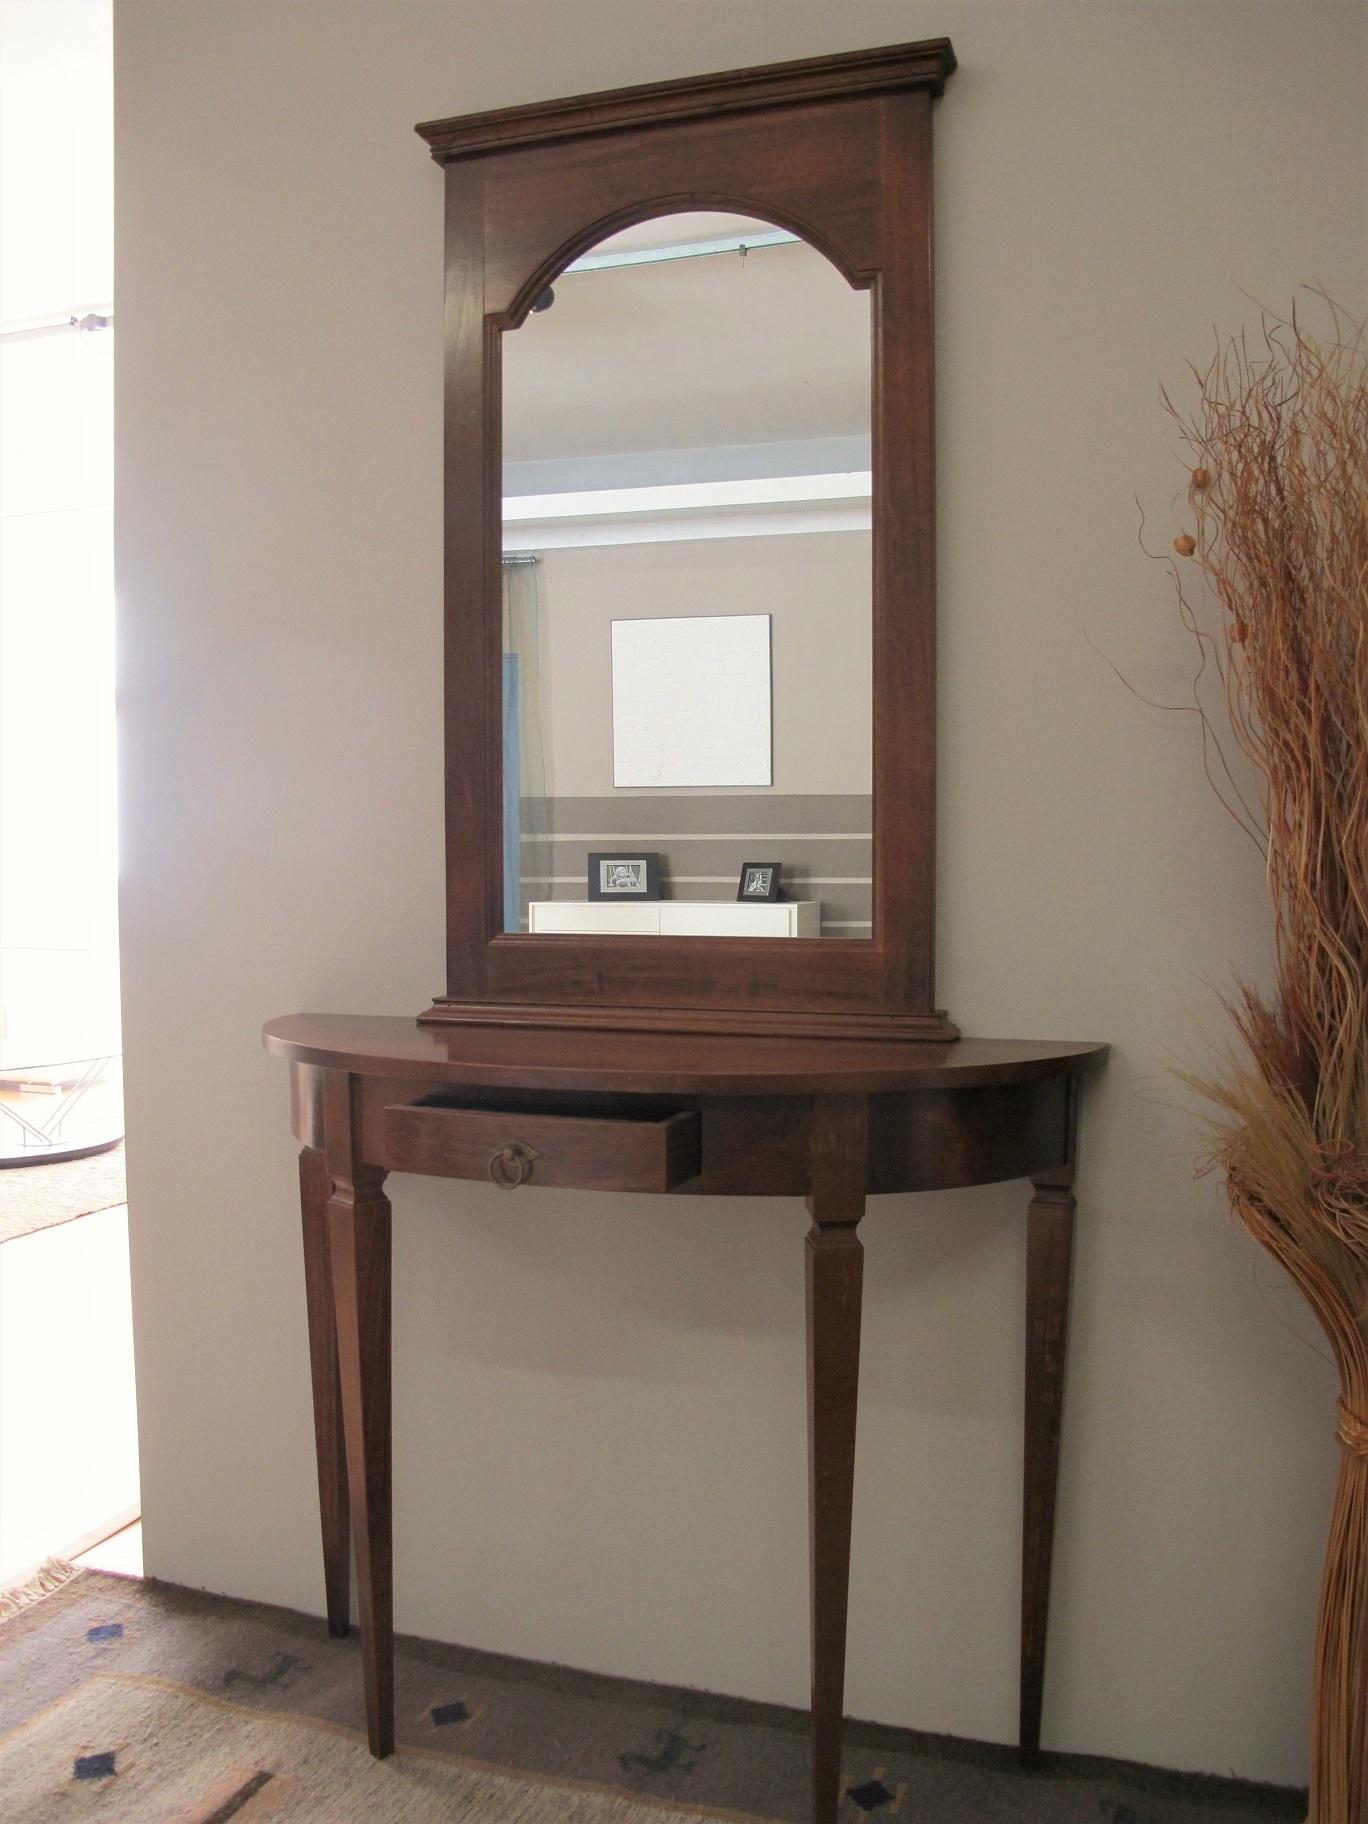 Consolle e specchio in legno noce complementi a prezzi - Specchio in legno ...